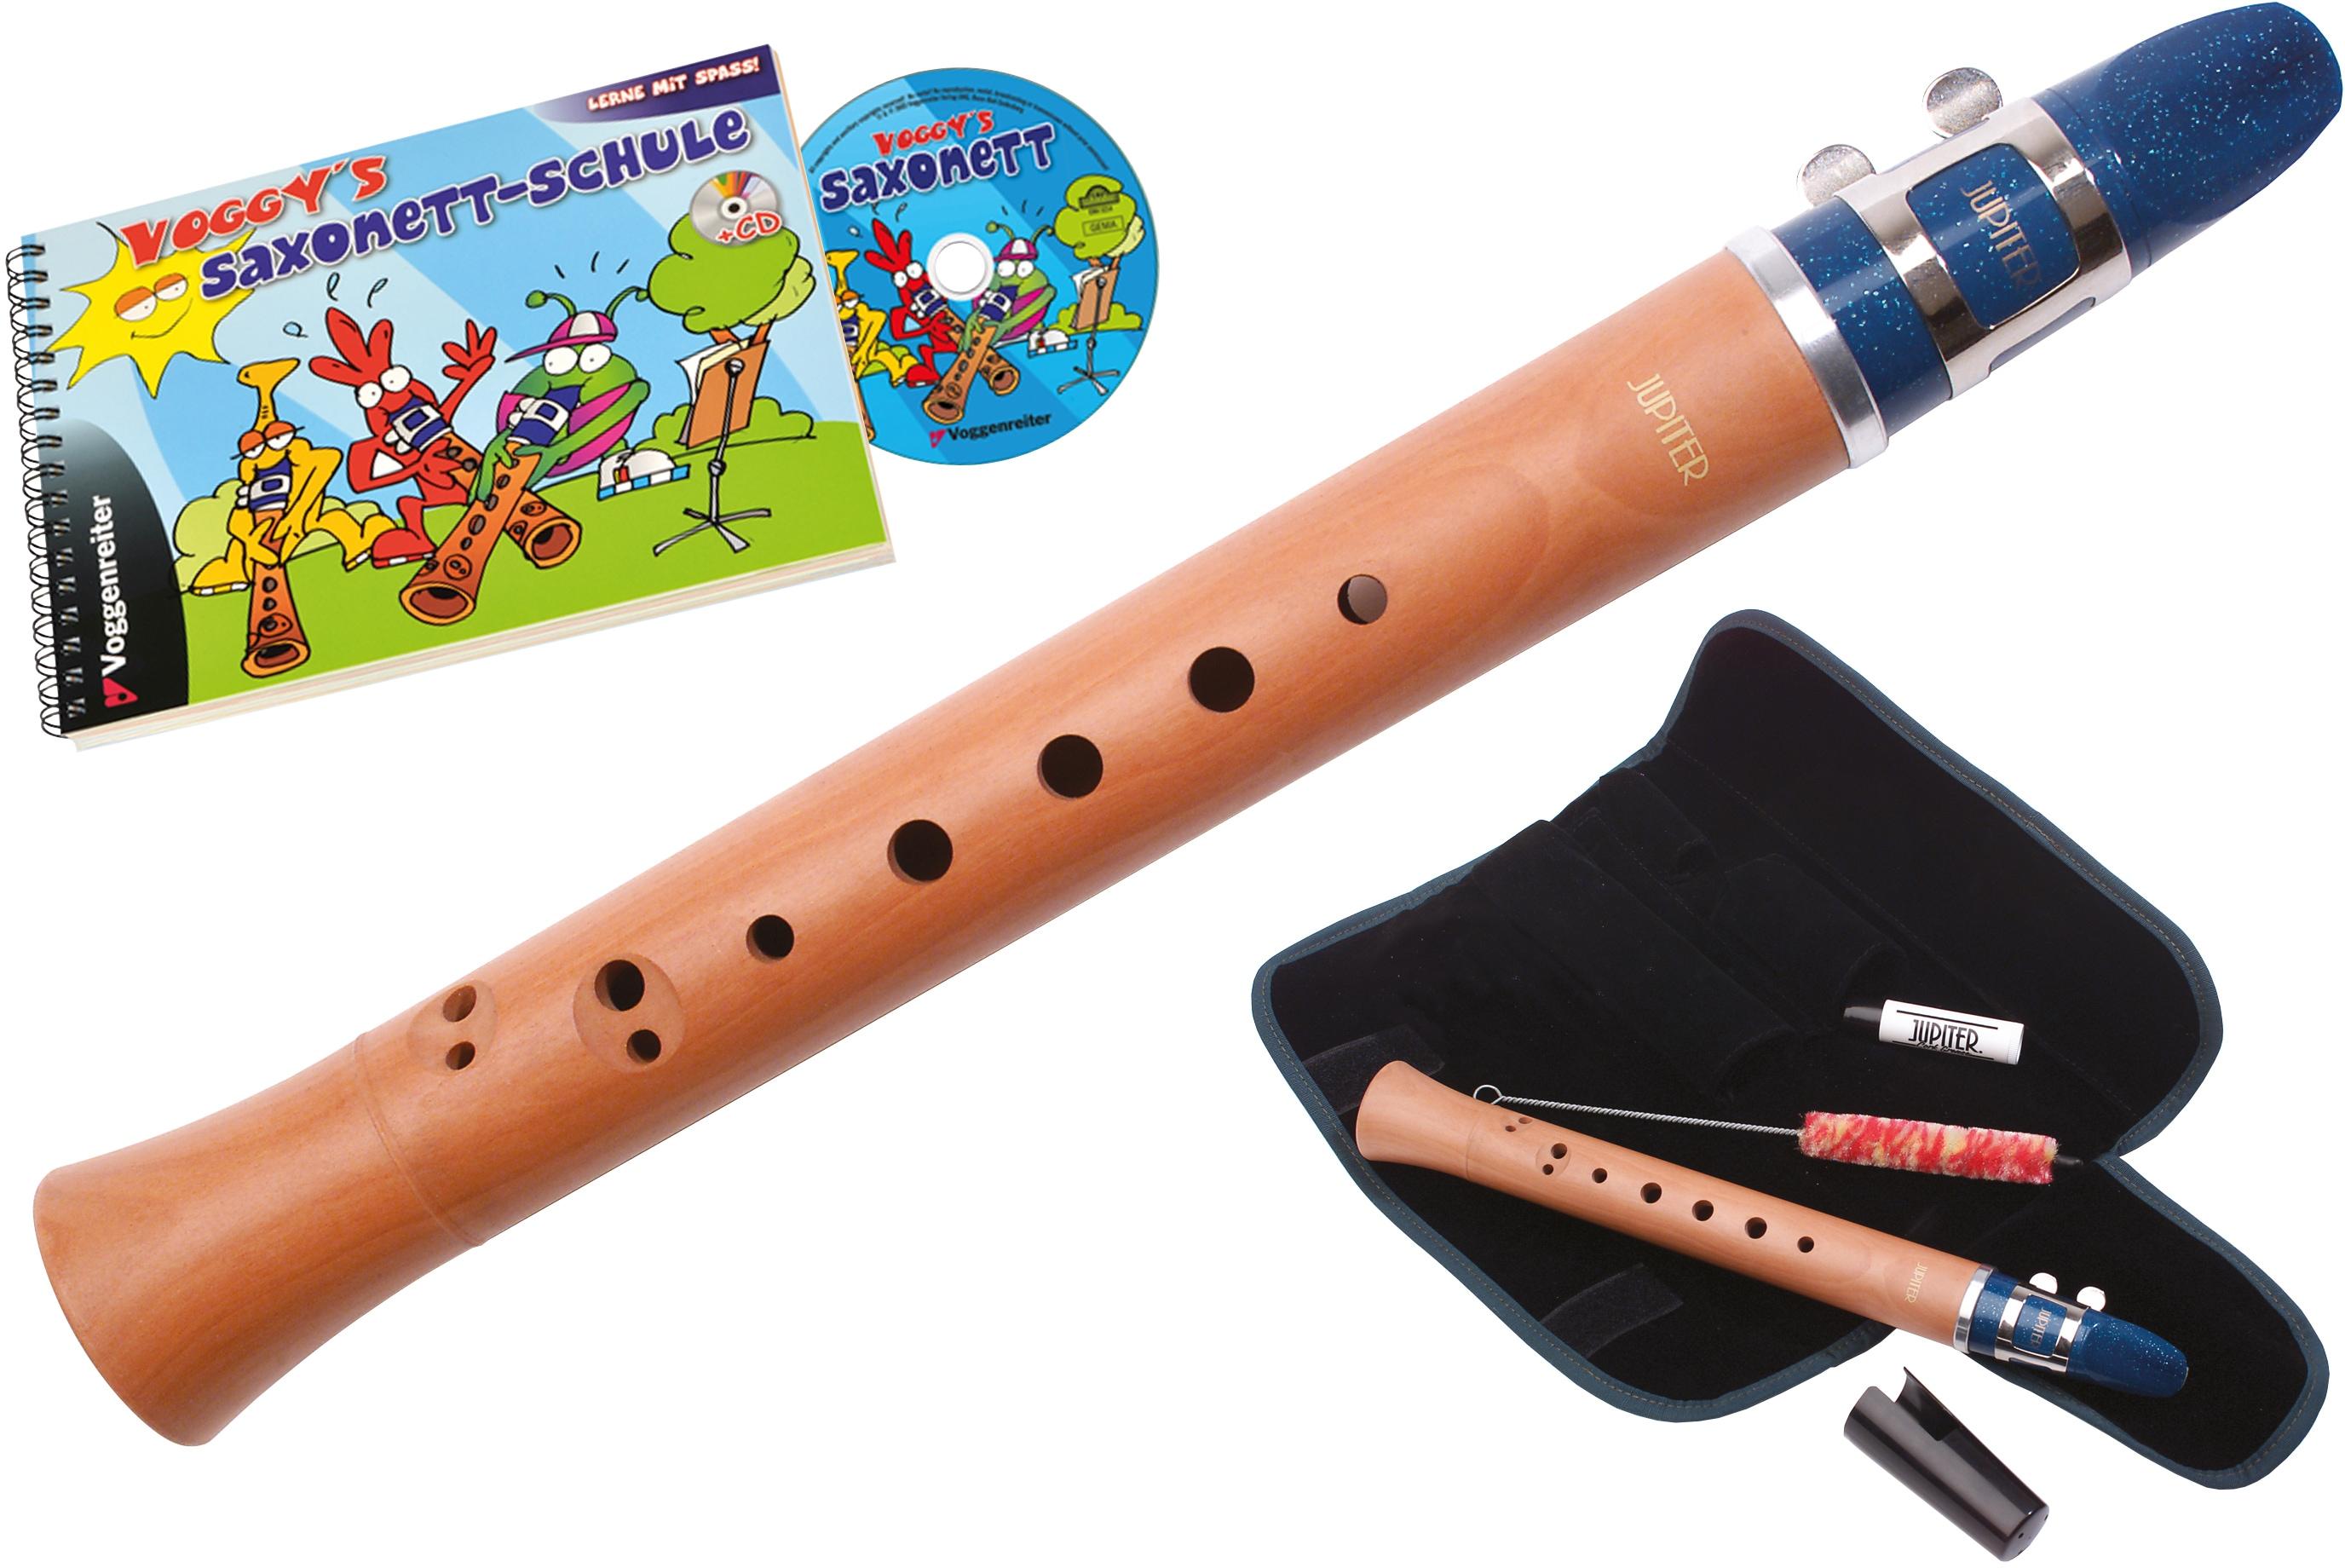 Voggenreiter Saxonett Voggys Saxonett-Set, C-Dur, Deutsch braun Blasinstrumente Musikinstrumente Audio, MP3, Musik